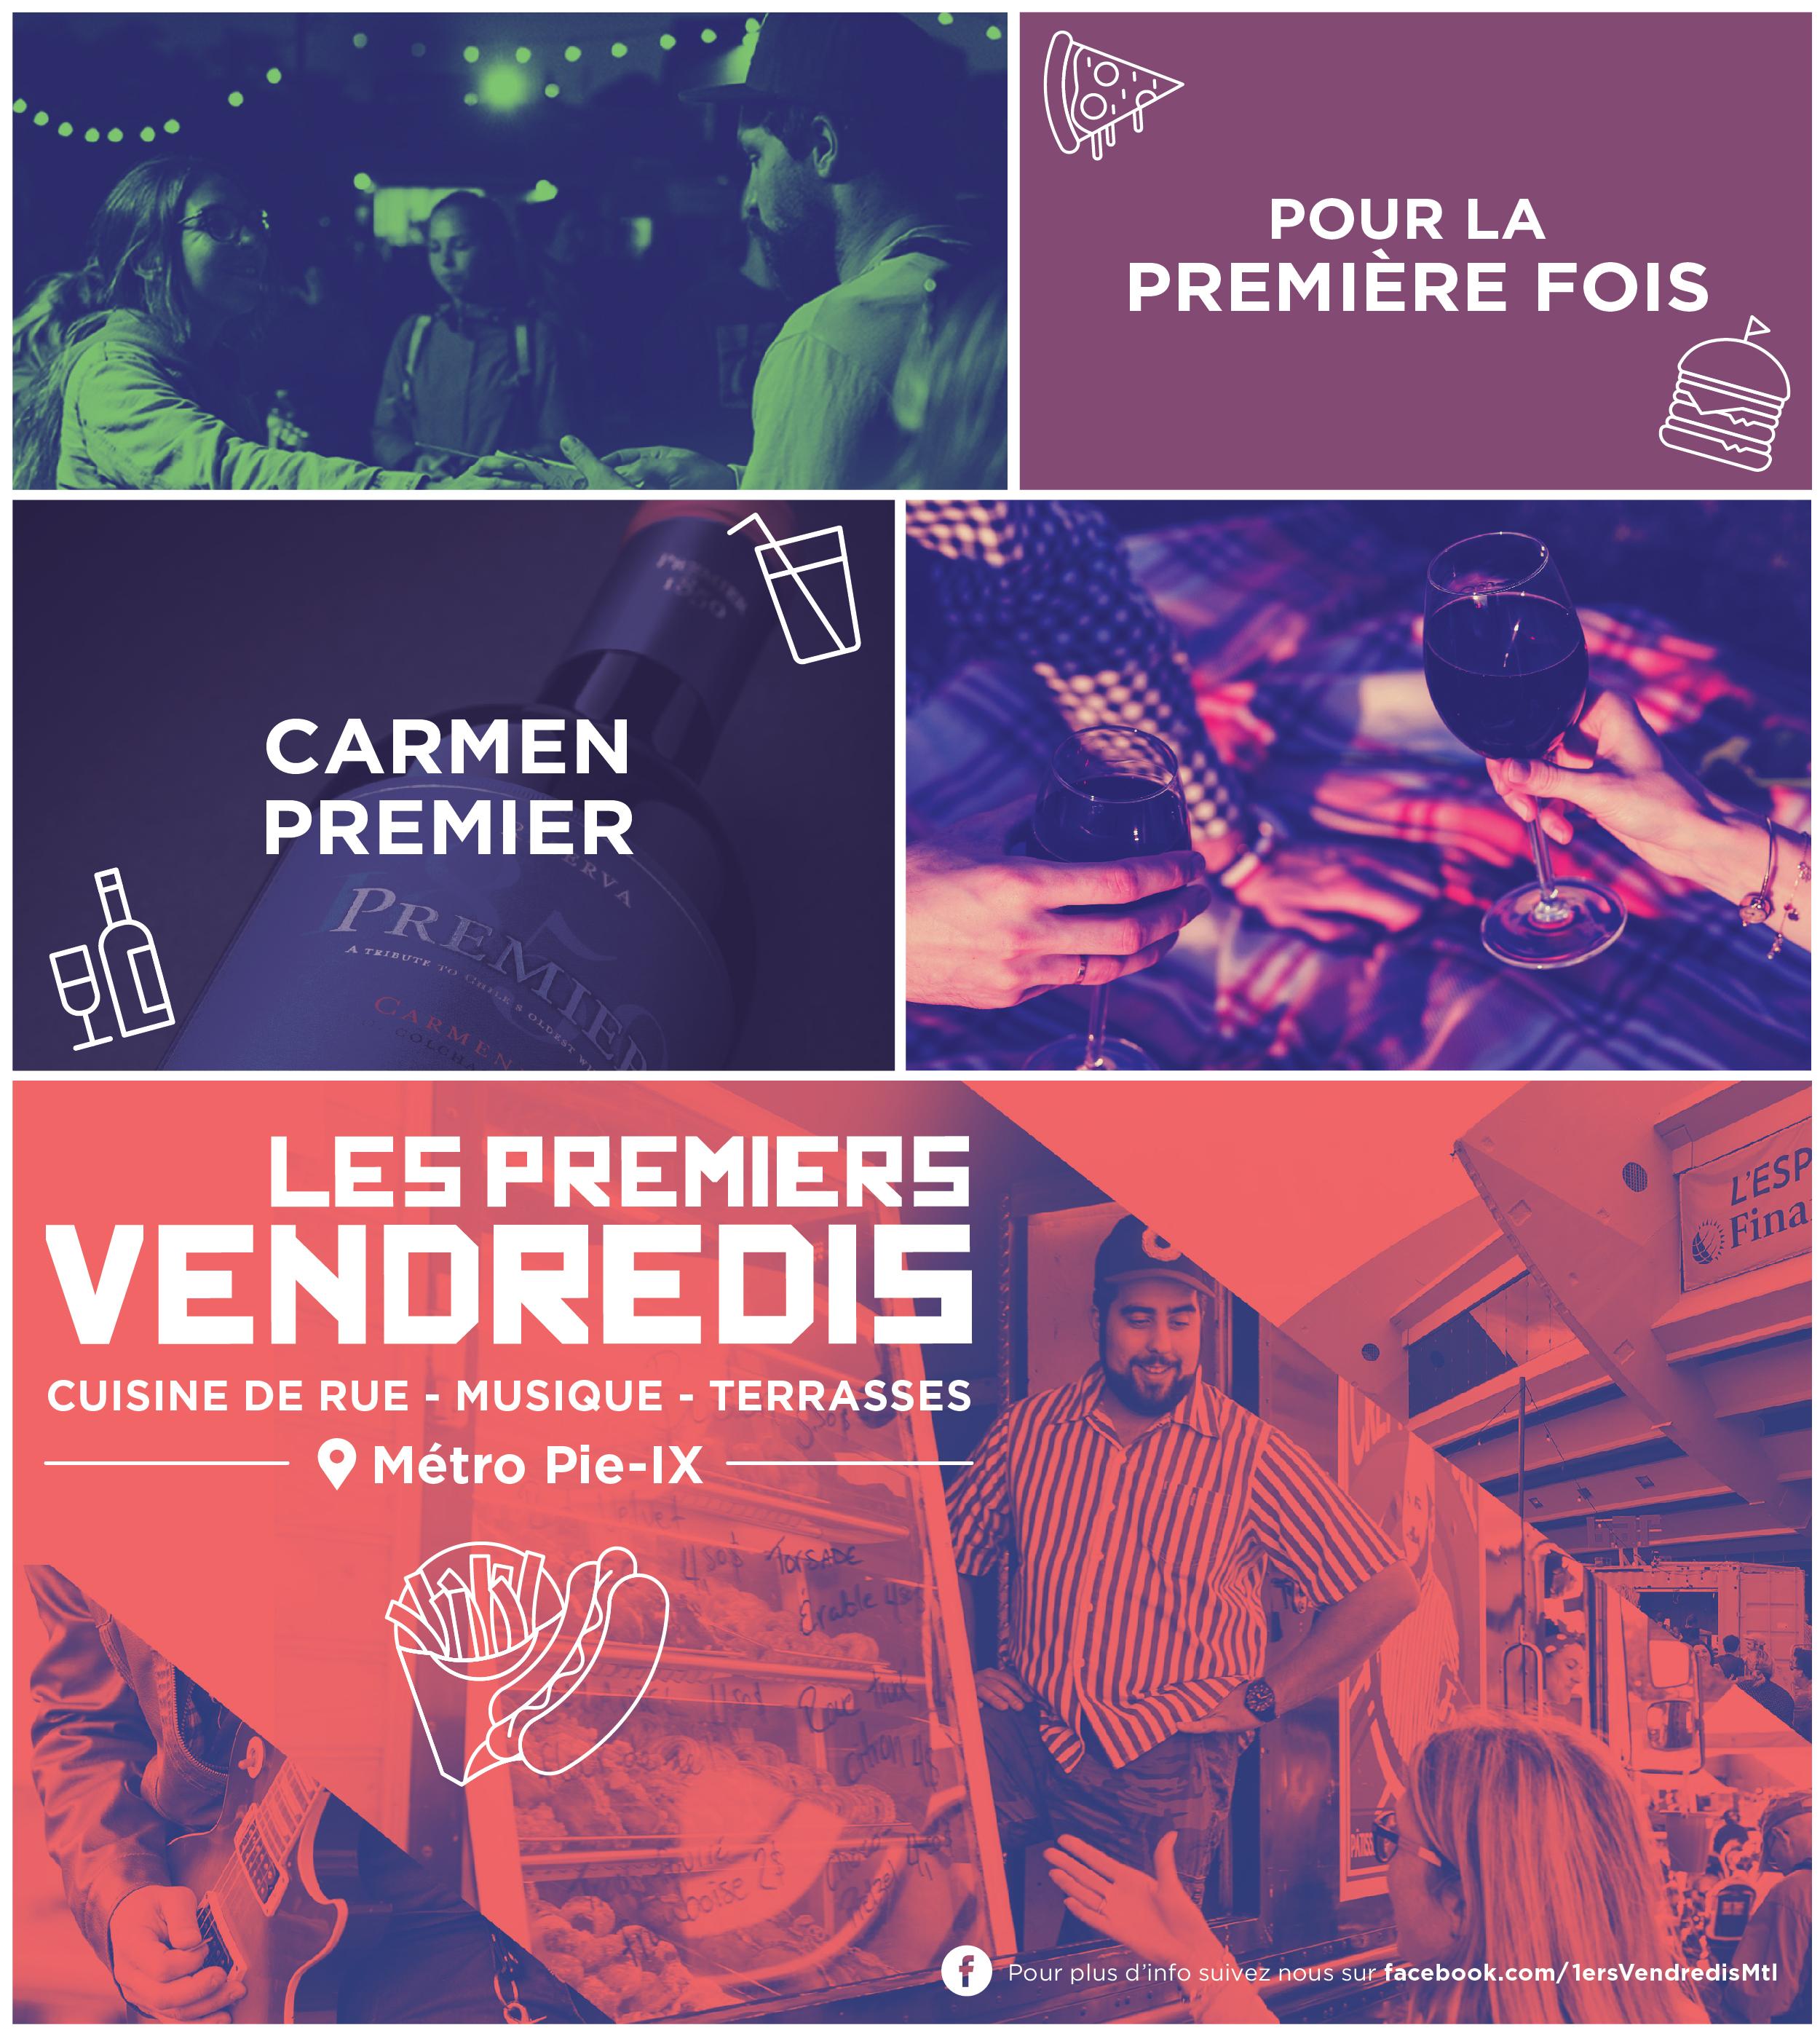 Quebec Food Truck Festival Poster